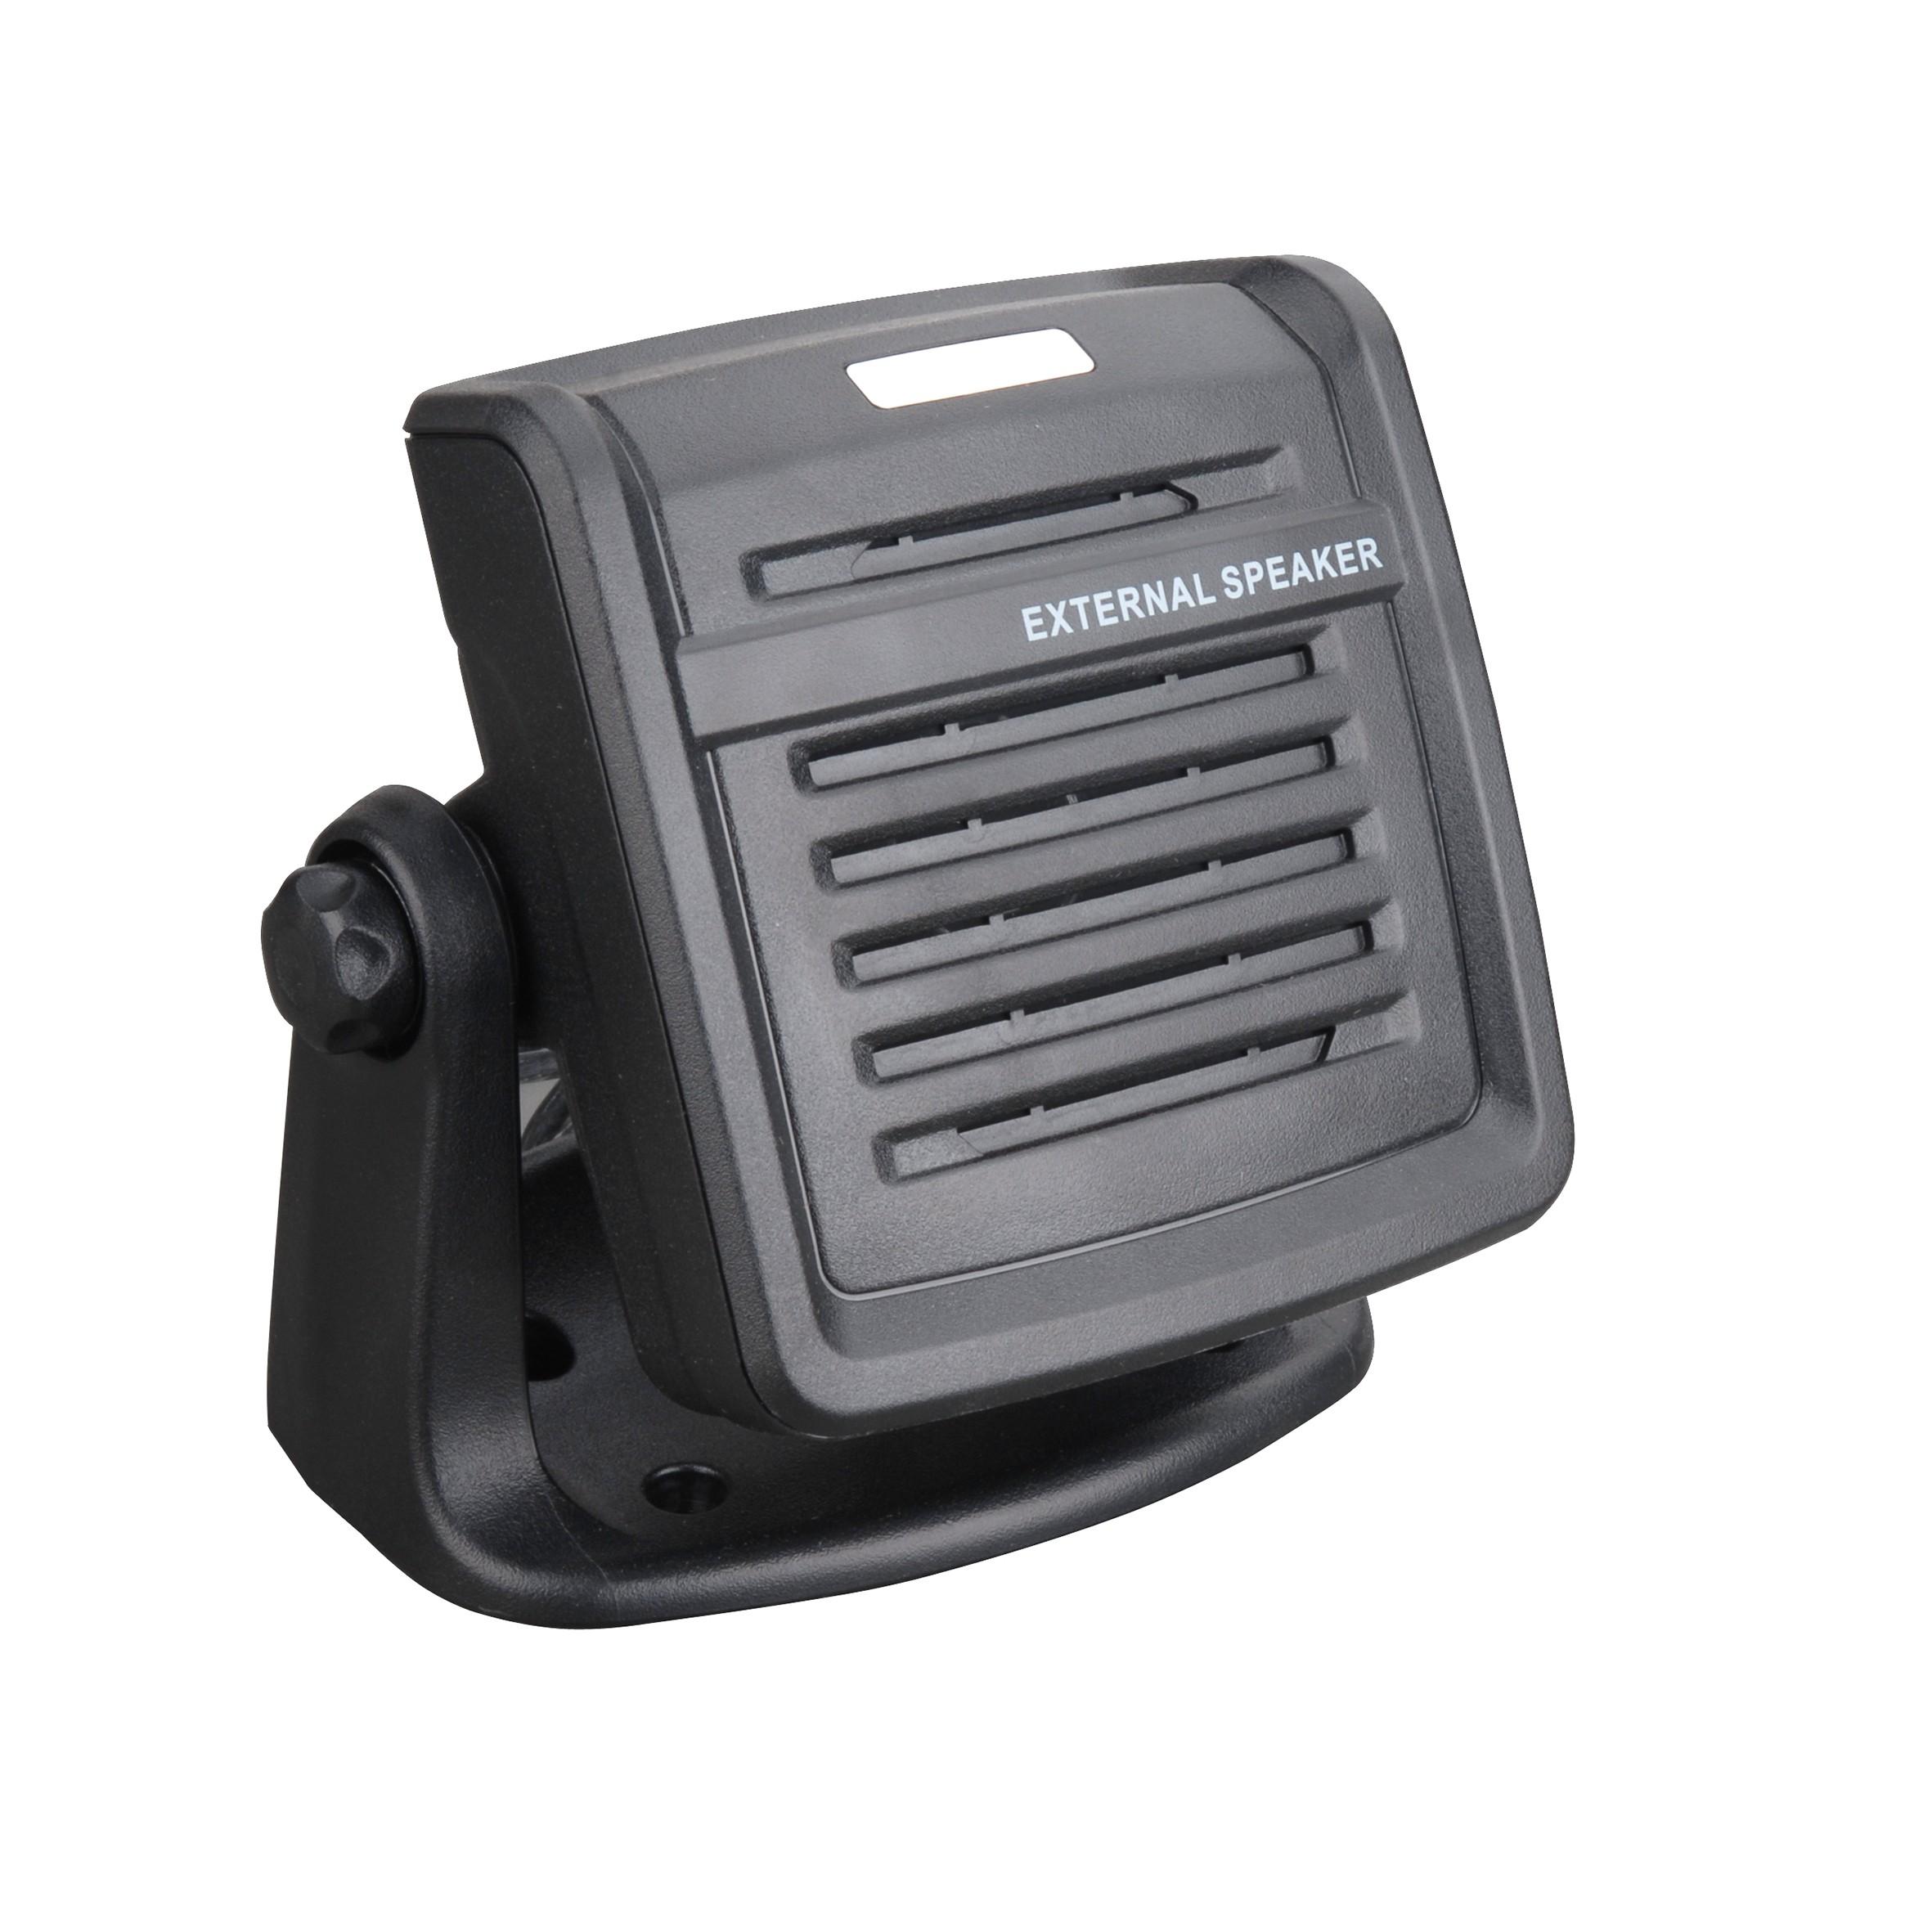 Hytera - External Speaker